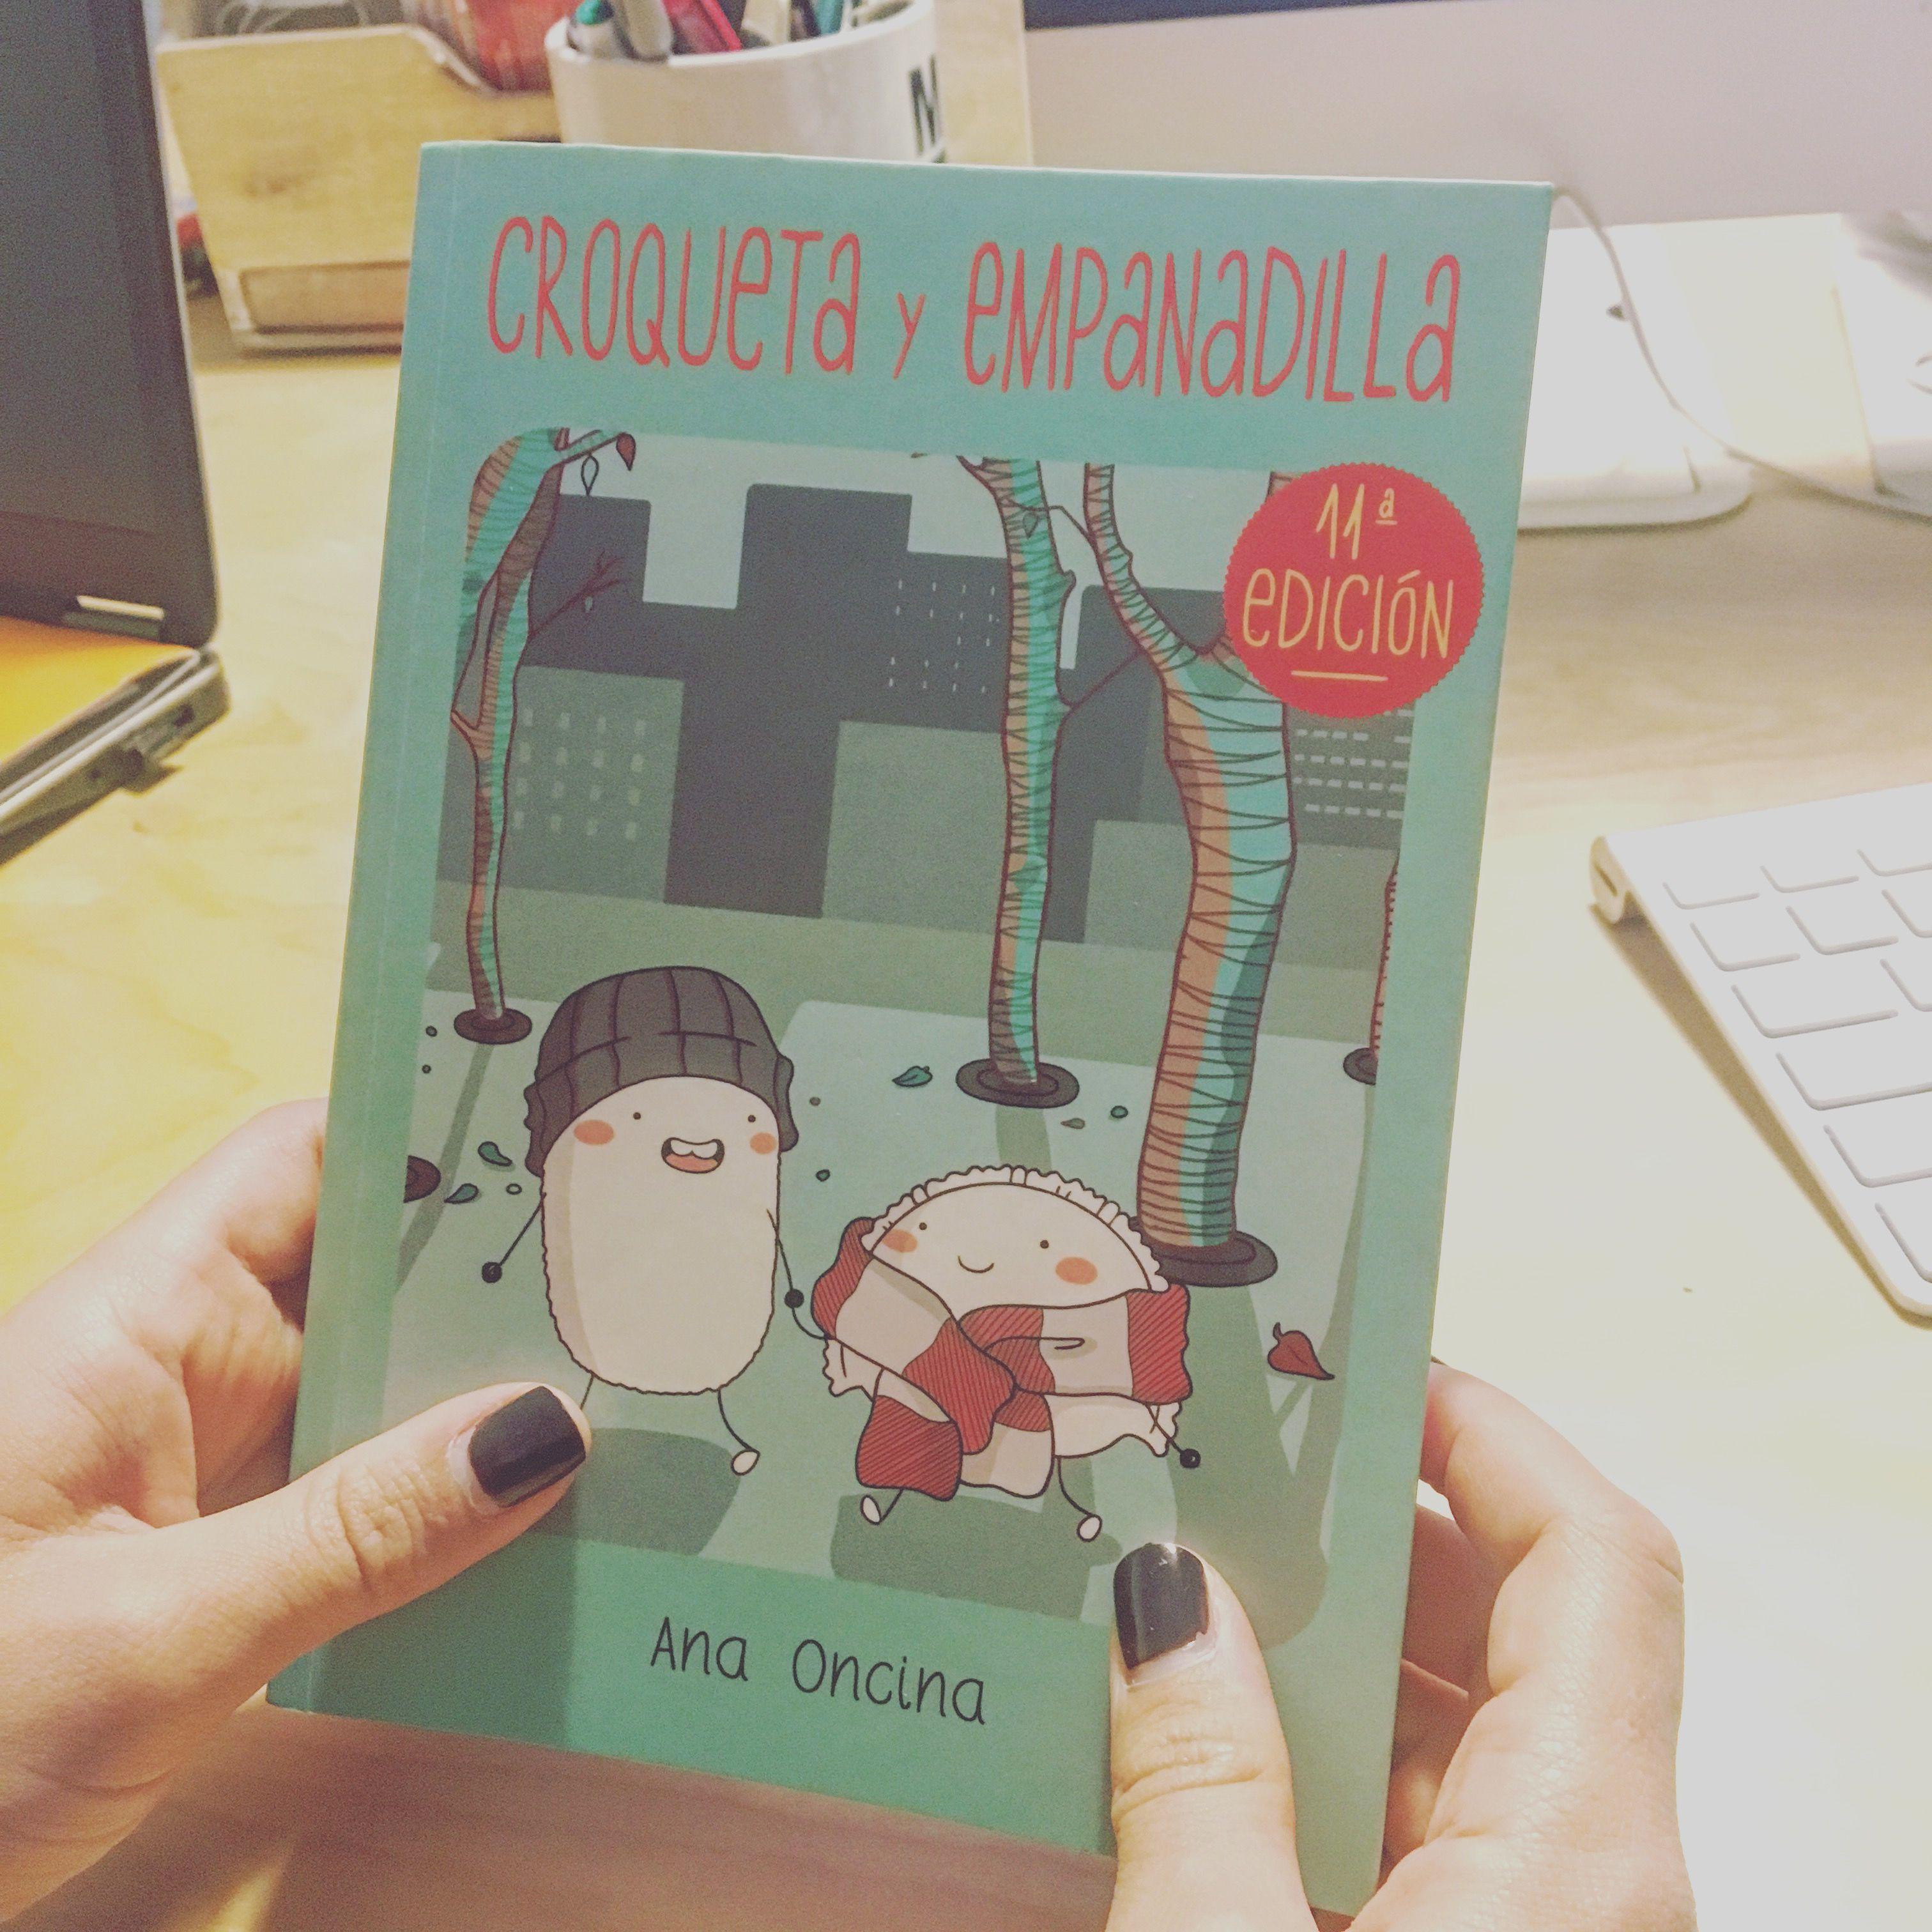 ¡Por fin lo tenemos! #libro #croquetayempanadilla #anaoncina 👍📚@ana_oncina